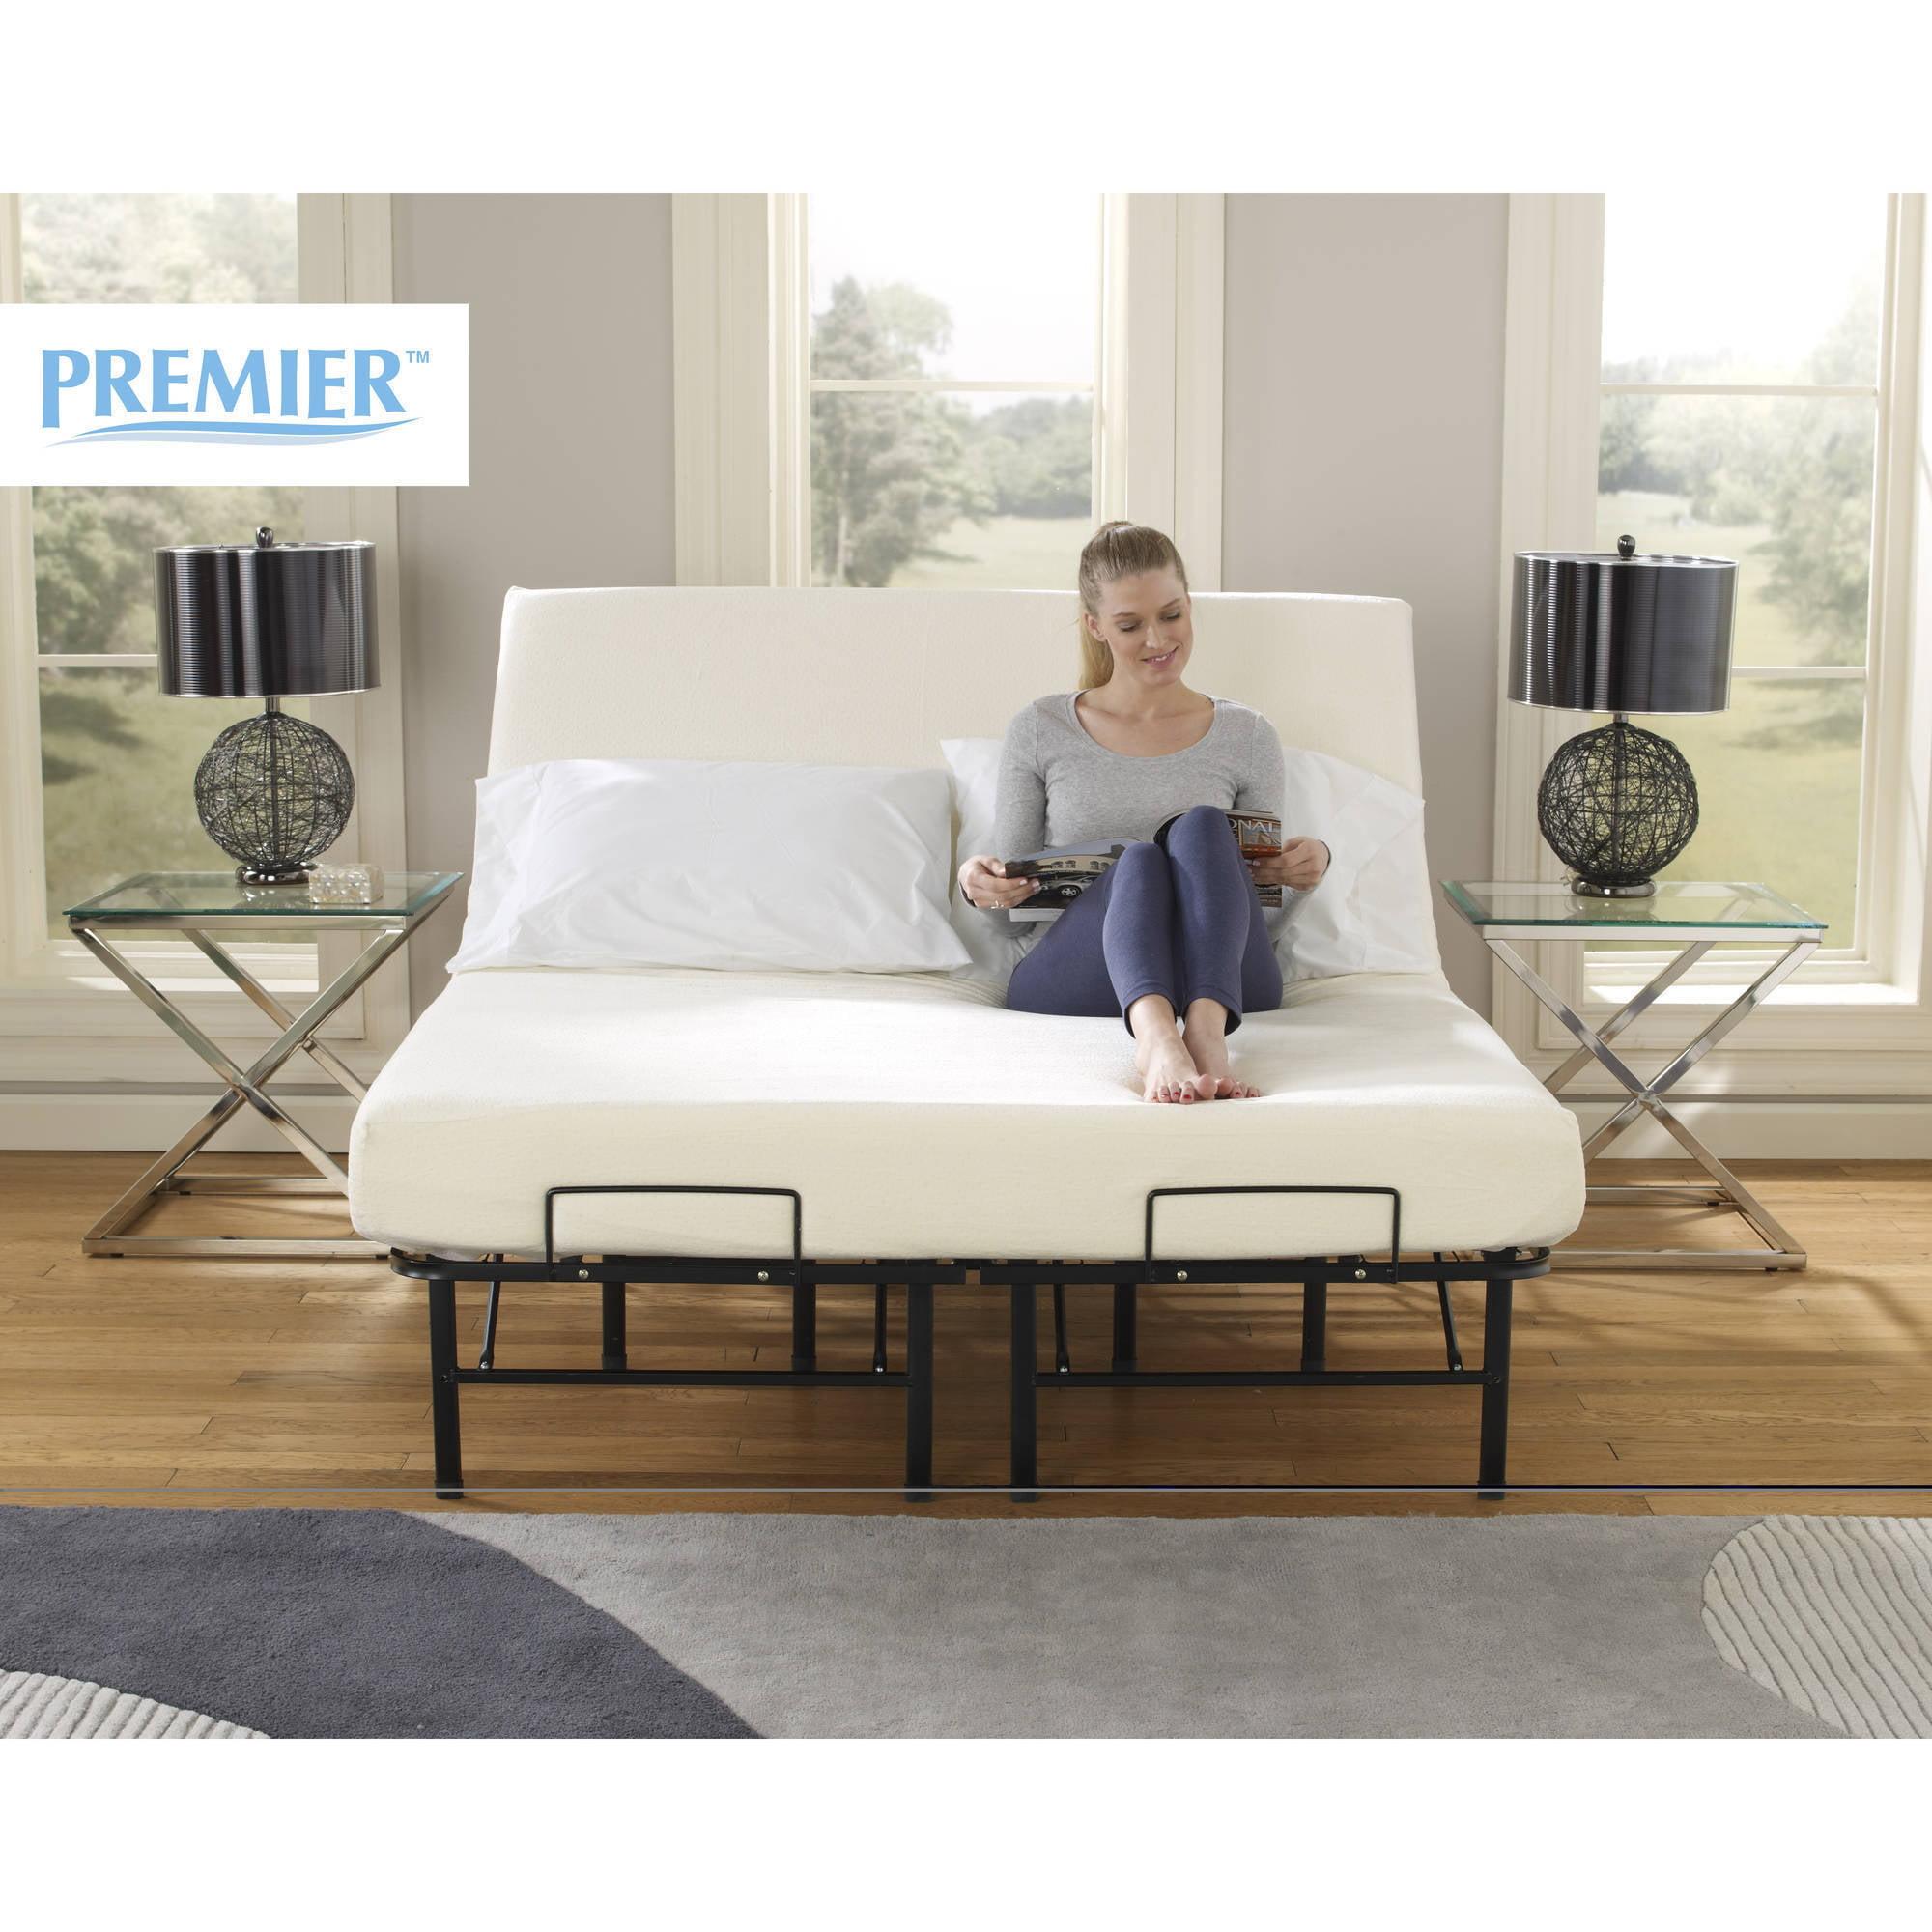 Premier Simple Adjustable Platform Bed Frame, Multiple Sizes